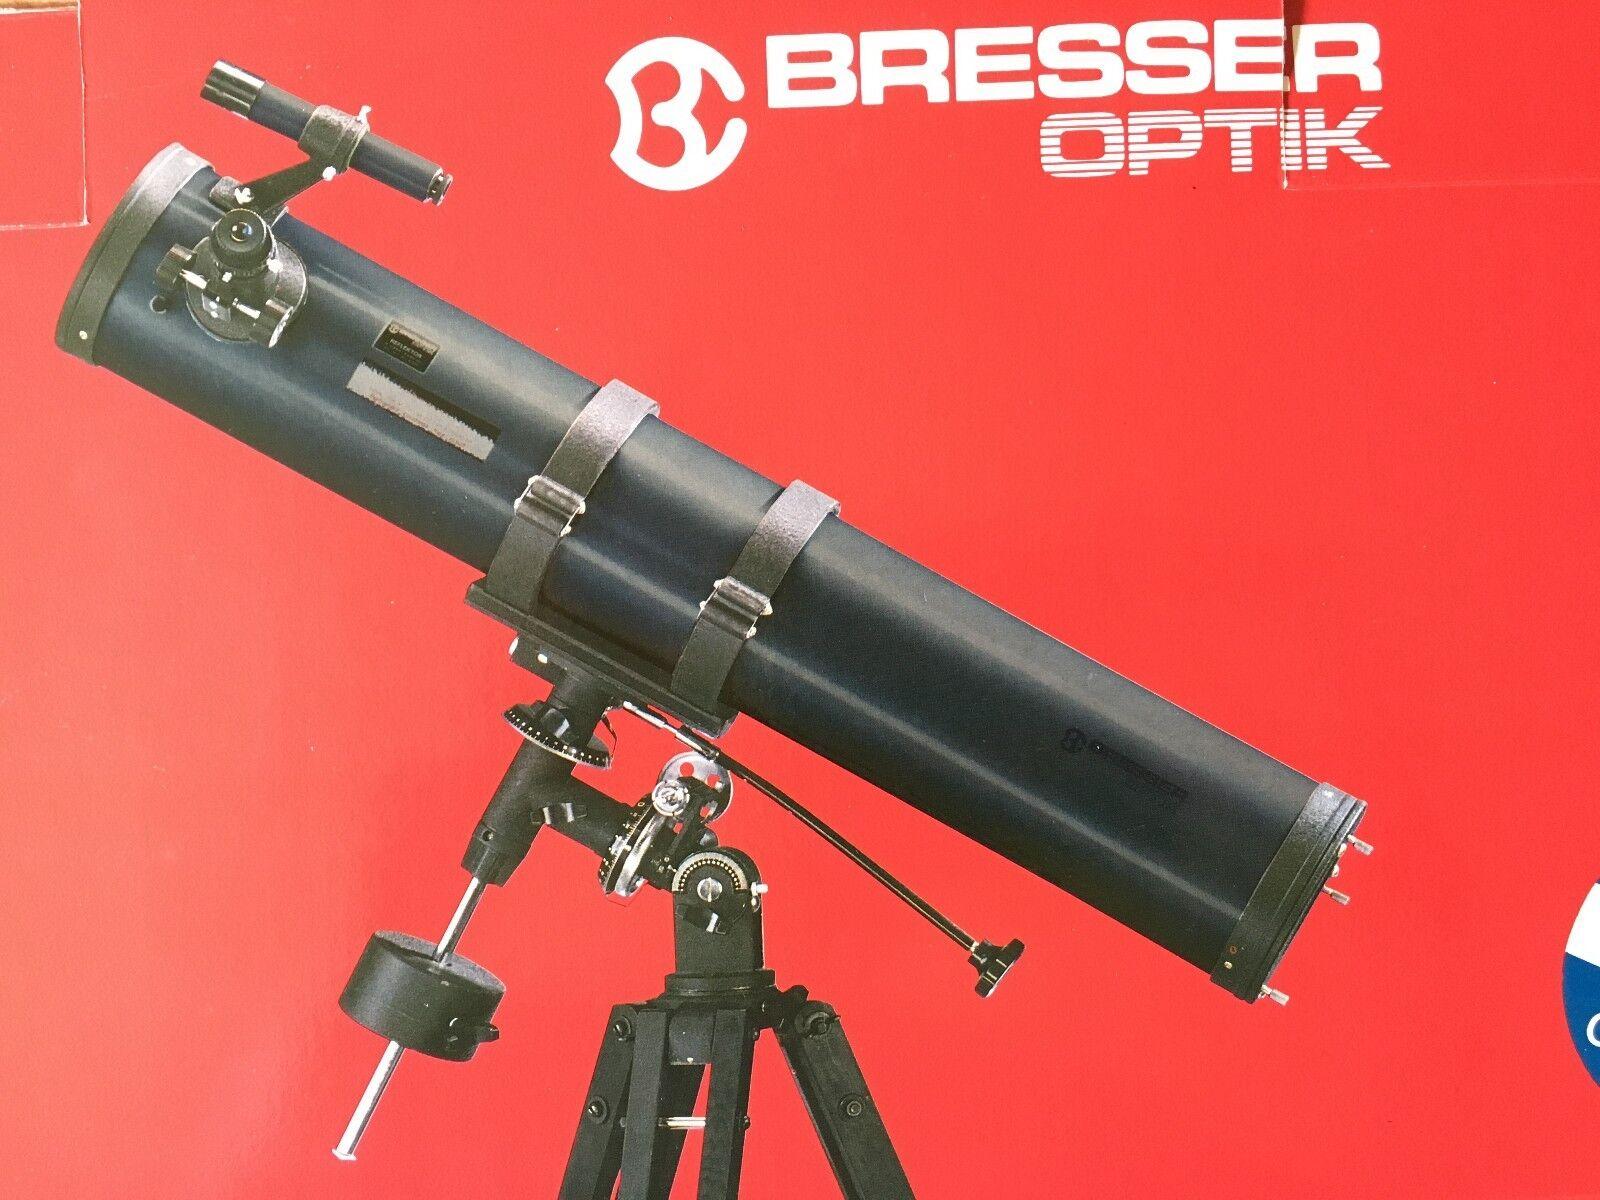 Teleskop spiegelteleskop fernrohr bresser ebay